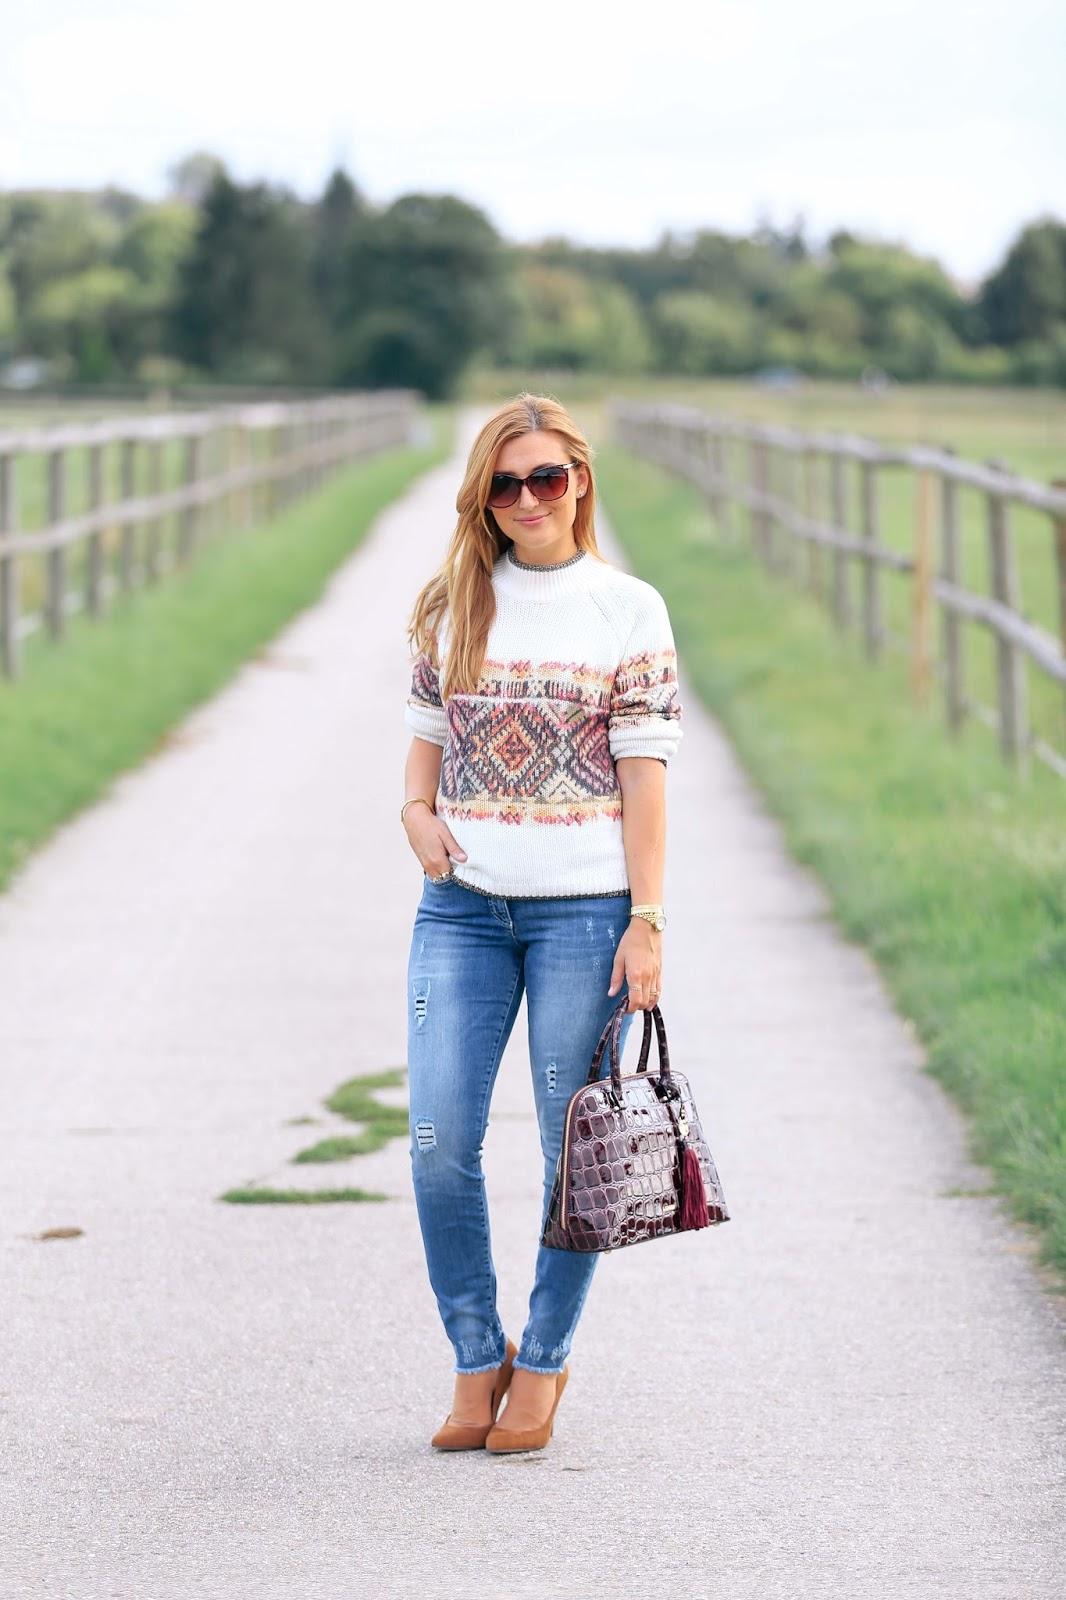 Herbstlook.fashionstylebyjohanna-blogger-aus-deutschland-herbstpullover-braune-pumpsherbstfarben-trendige-herbstfarben